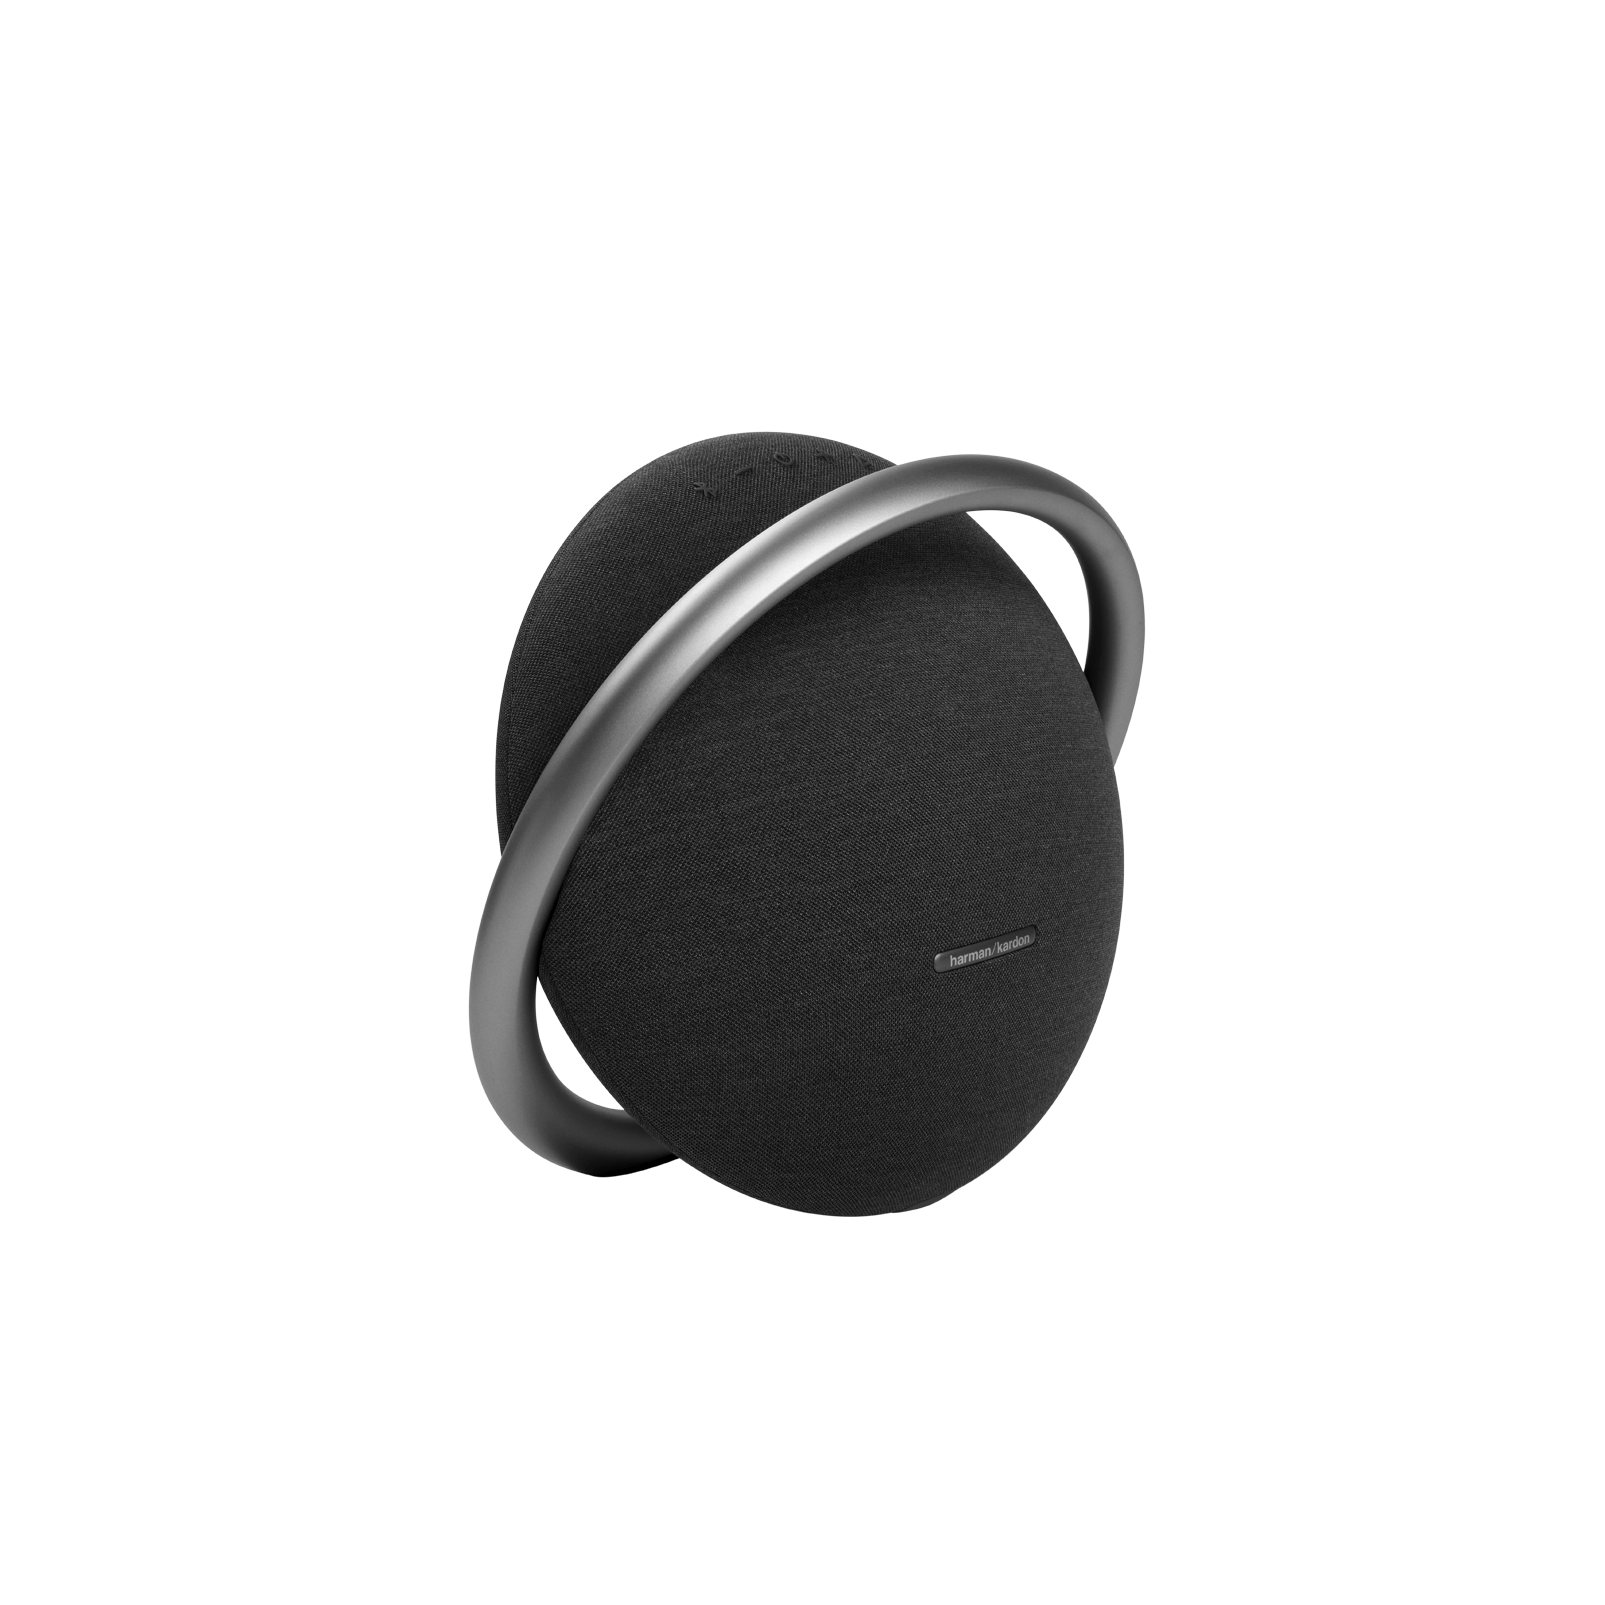 Onyx Studio 7 - Black - Portable Stereo Bluetooth Speaker - Detailshot 1